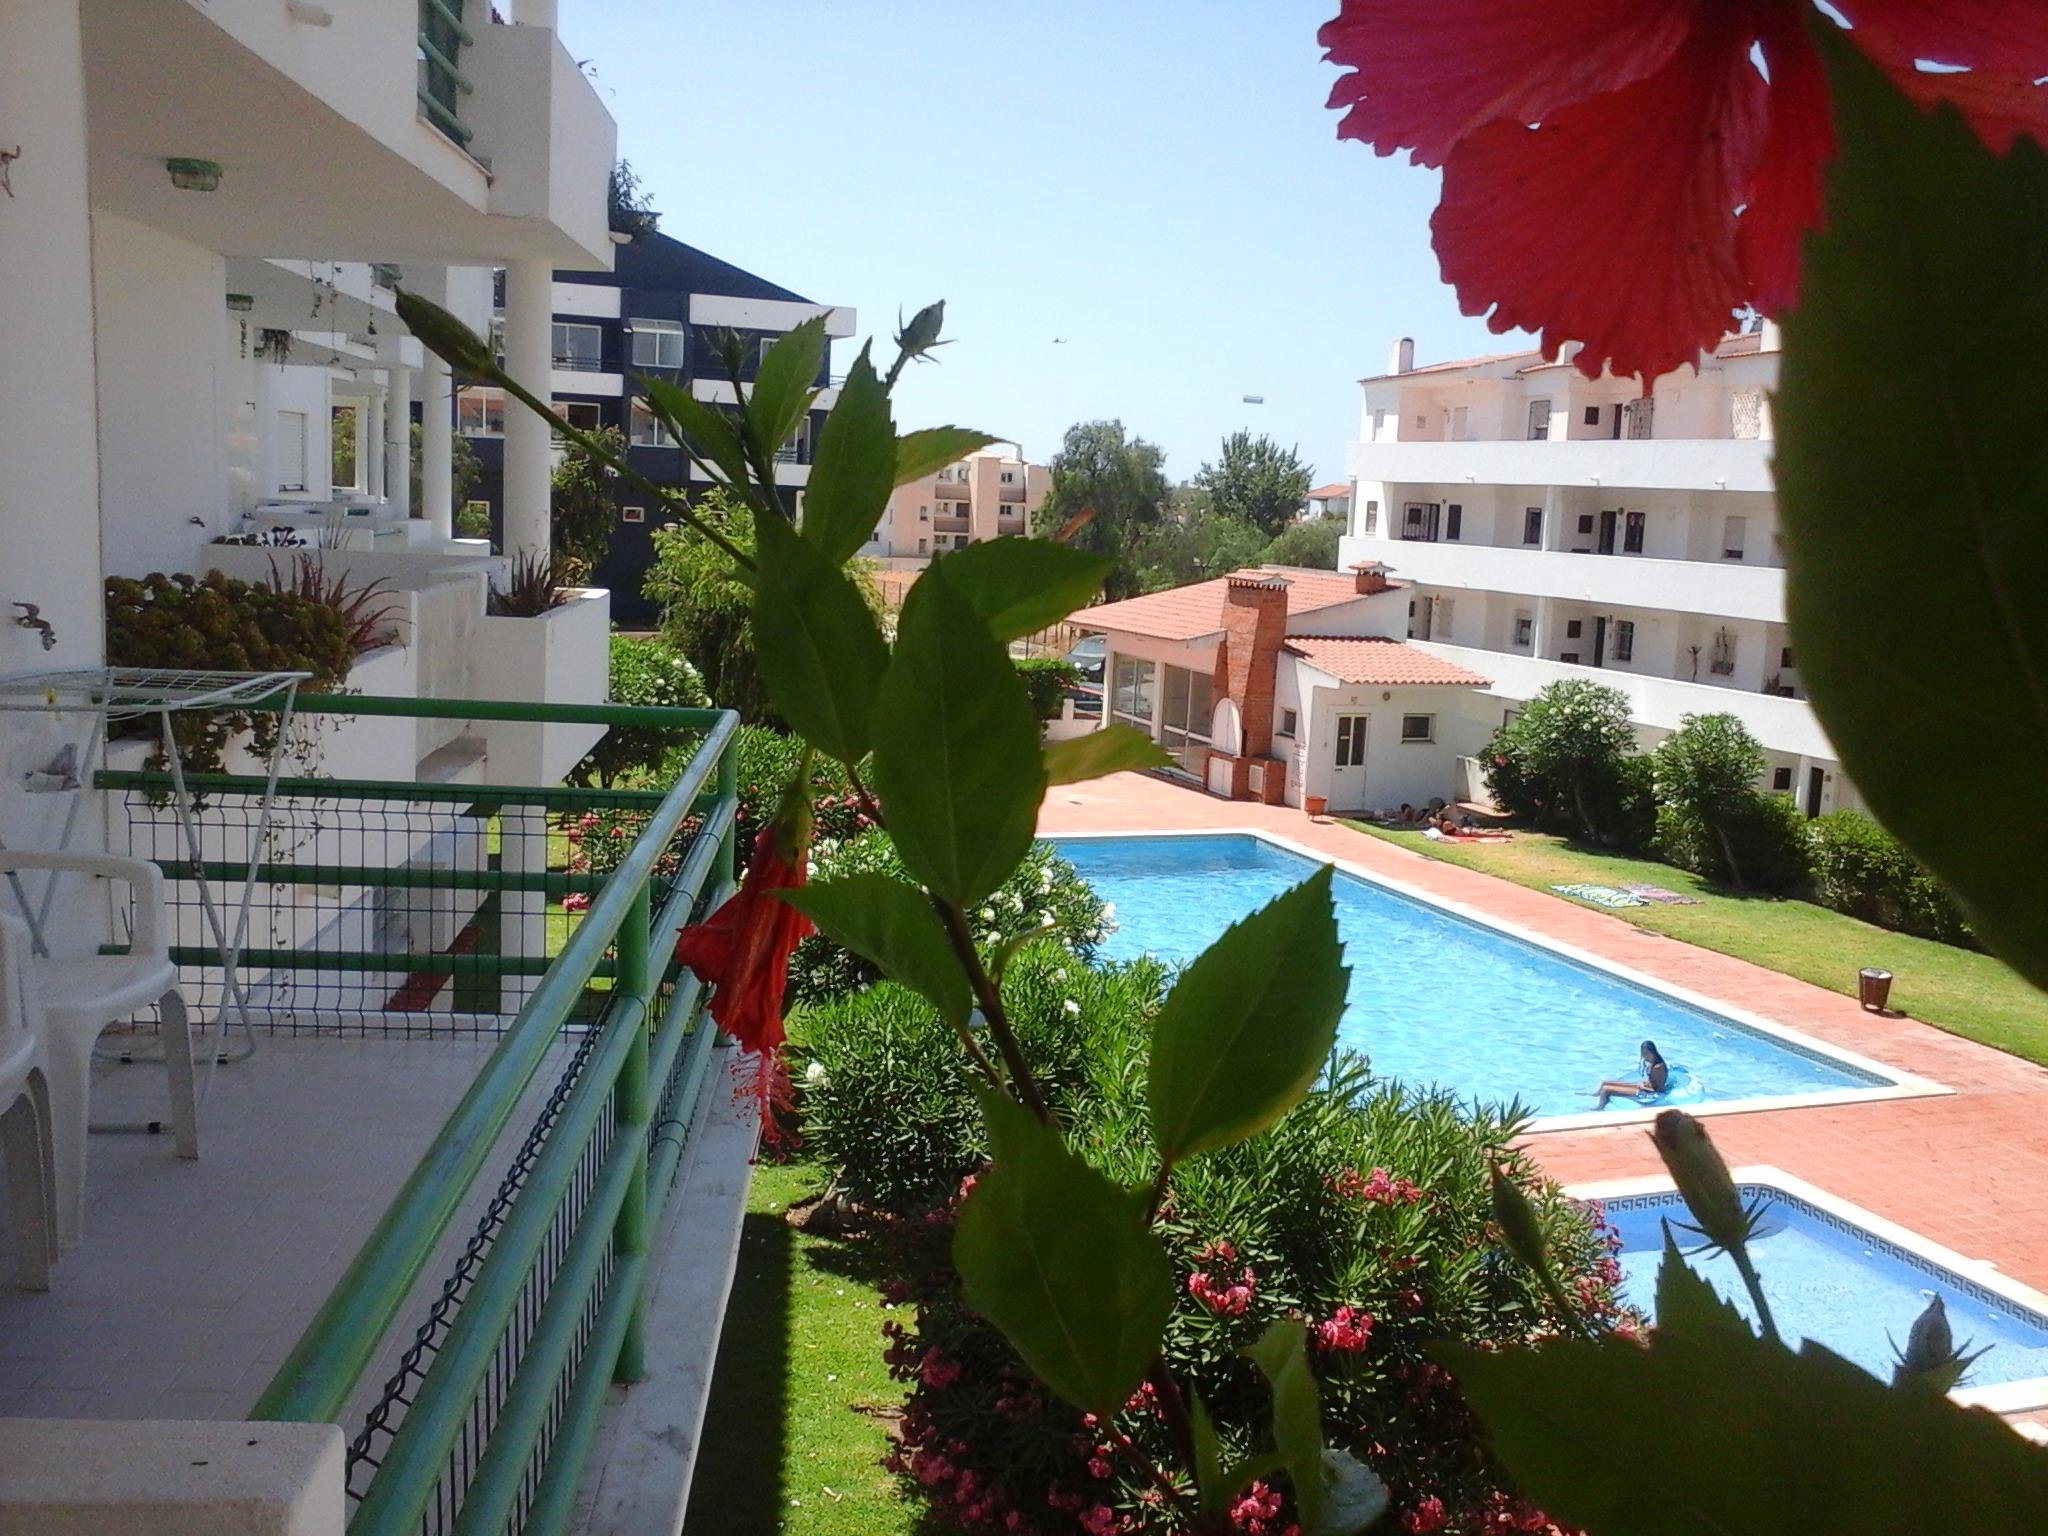 Holiday apartments and villas for rent, Apartamento 4 pessoas à beira mar com piscina Albufeira in Albufeira, Portugal Algarve, REF_IMG_15094_15095